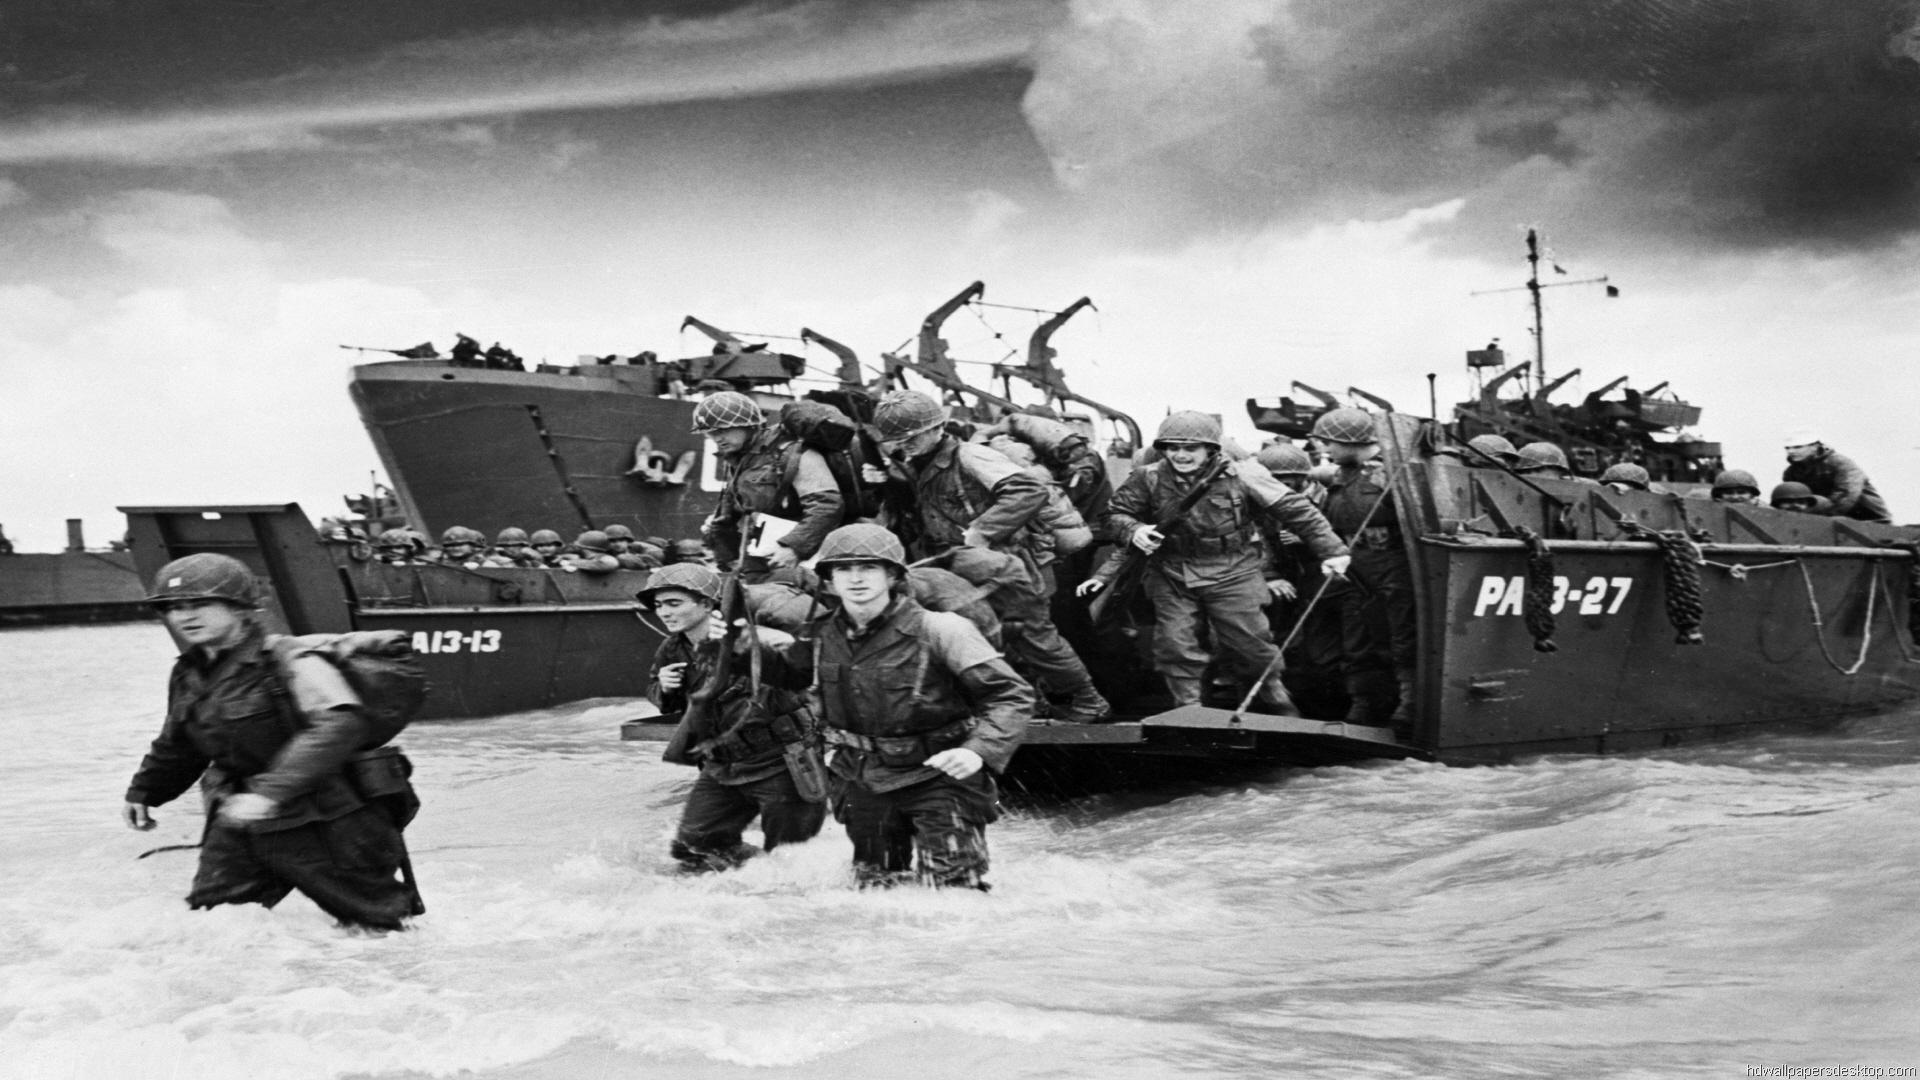 World War II Wallpaper